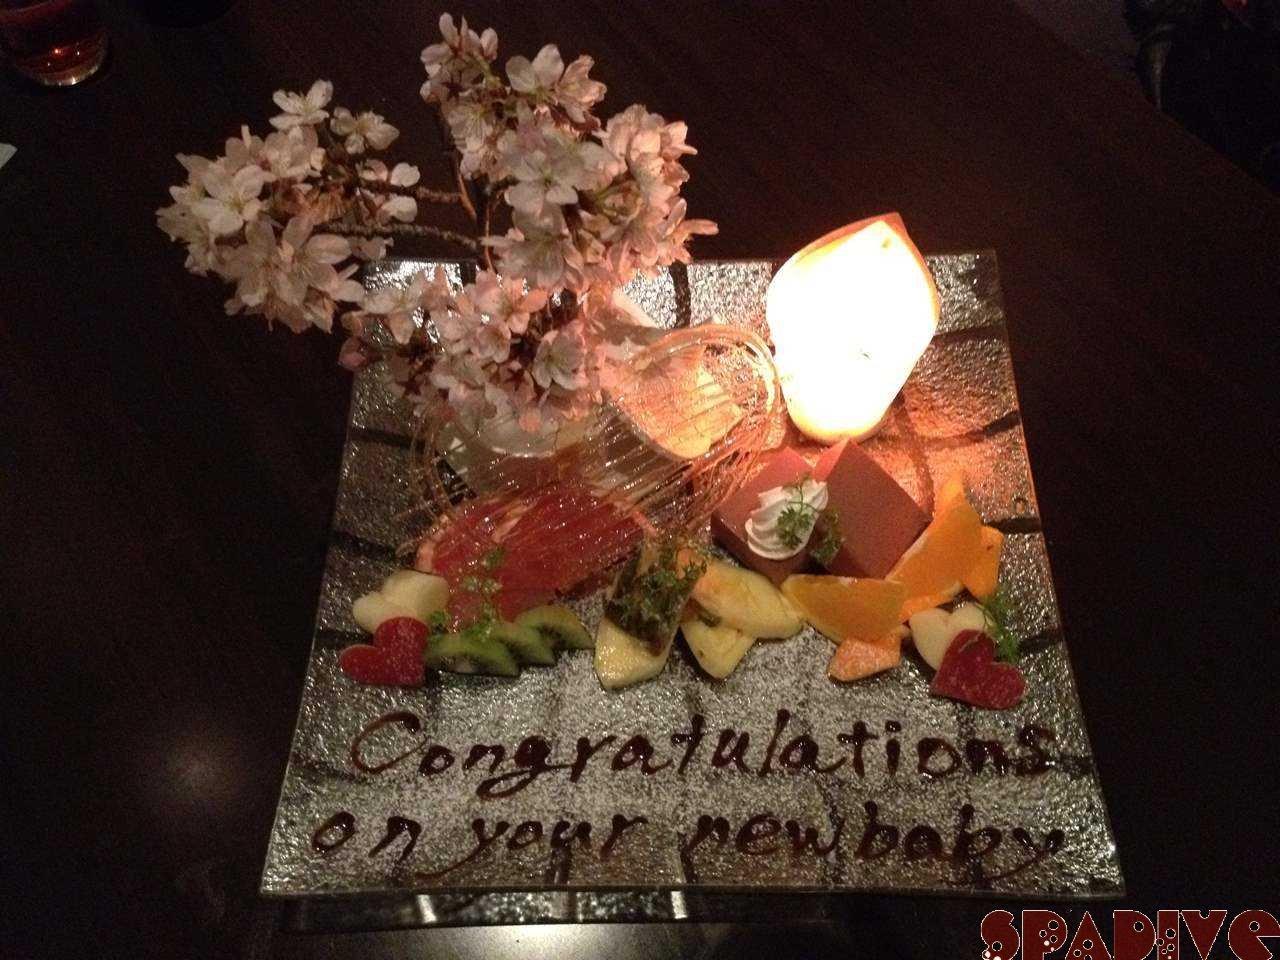 フルーツ盛り合わせ♪煌-KIRA-さんで食事|4/7/2012